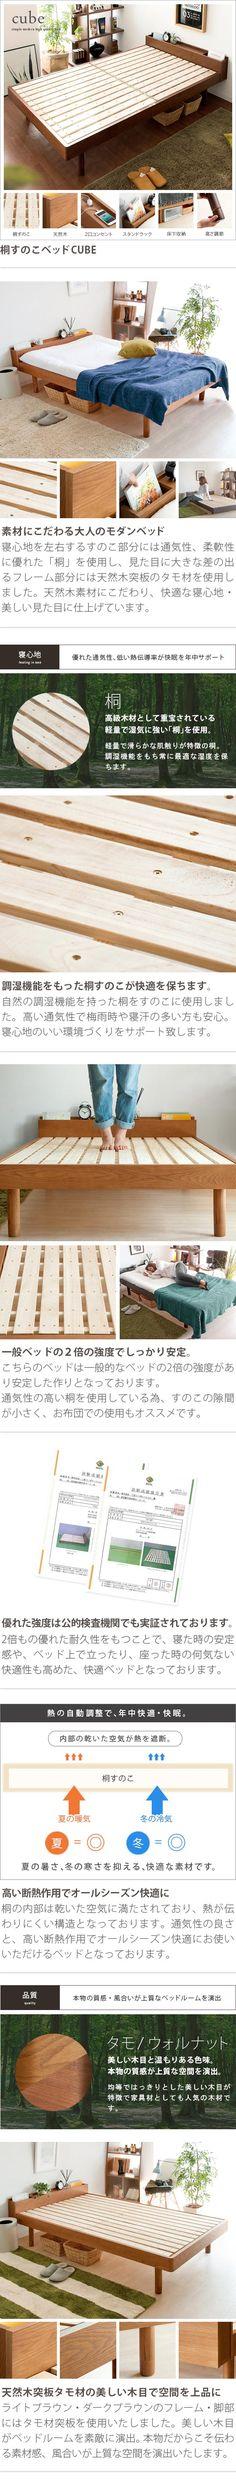 桐すのこベッド cube〔キューブ〕 フレーム単体 セミダブルサイズ|【公式】北欧インテリア・家具の通販エア・リゾーム